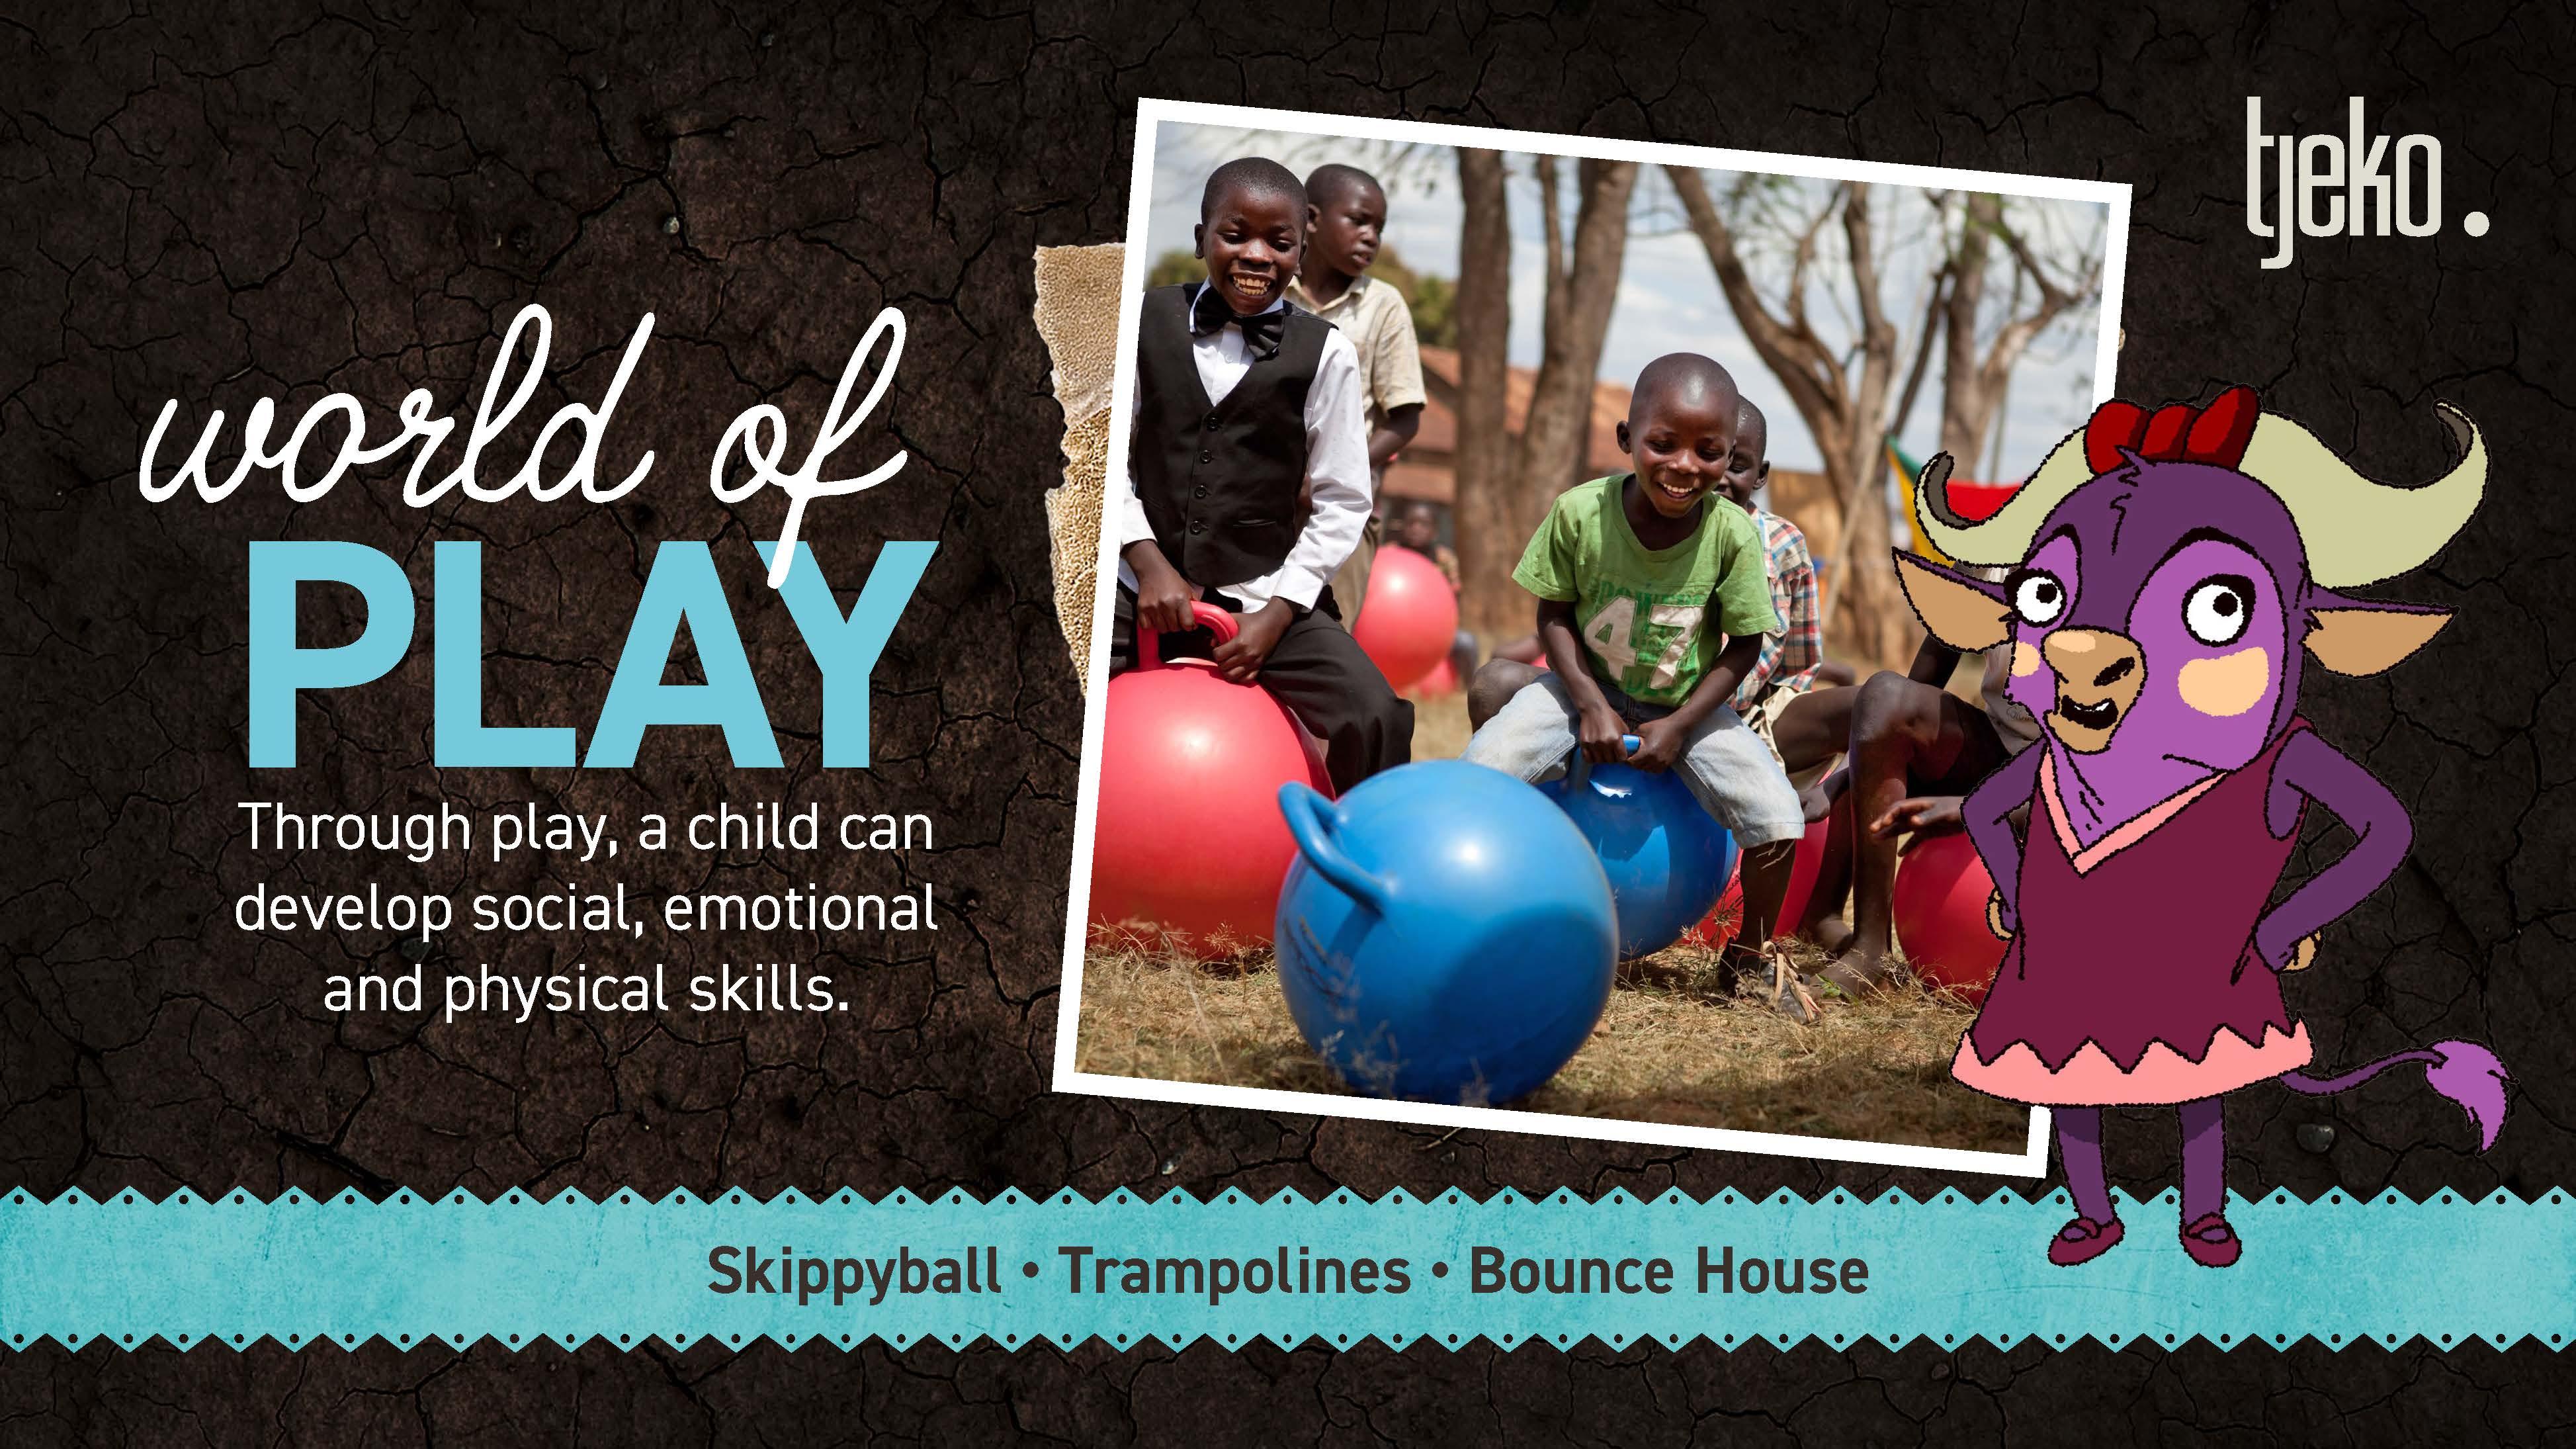 Ons team in Uganda gaat hard. Wekelijks gaat ons team er op uit om een nieuwe basisschool of weeshuis te ondersteunen met spel en creatieve ontwikkeling.